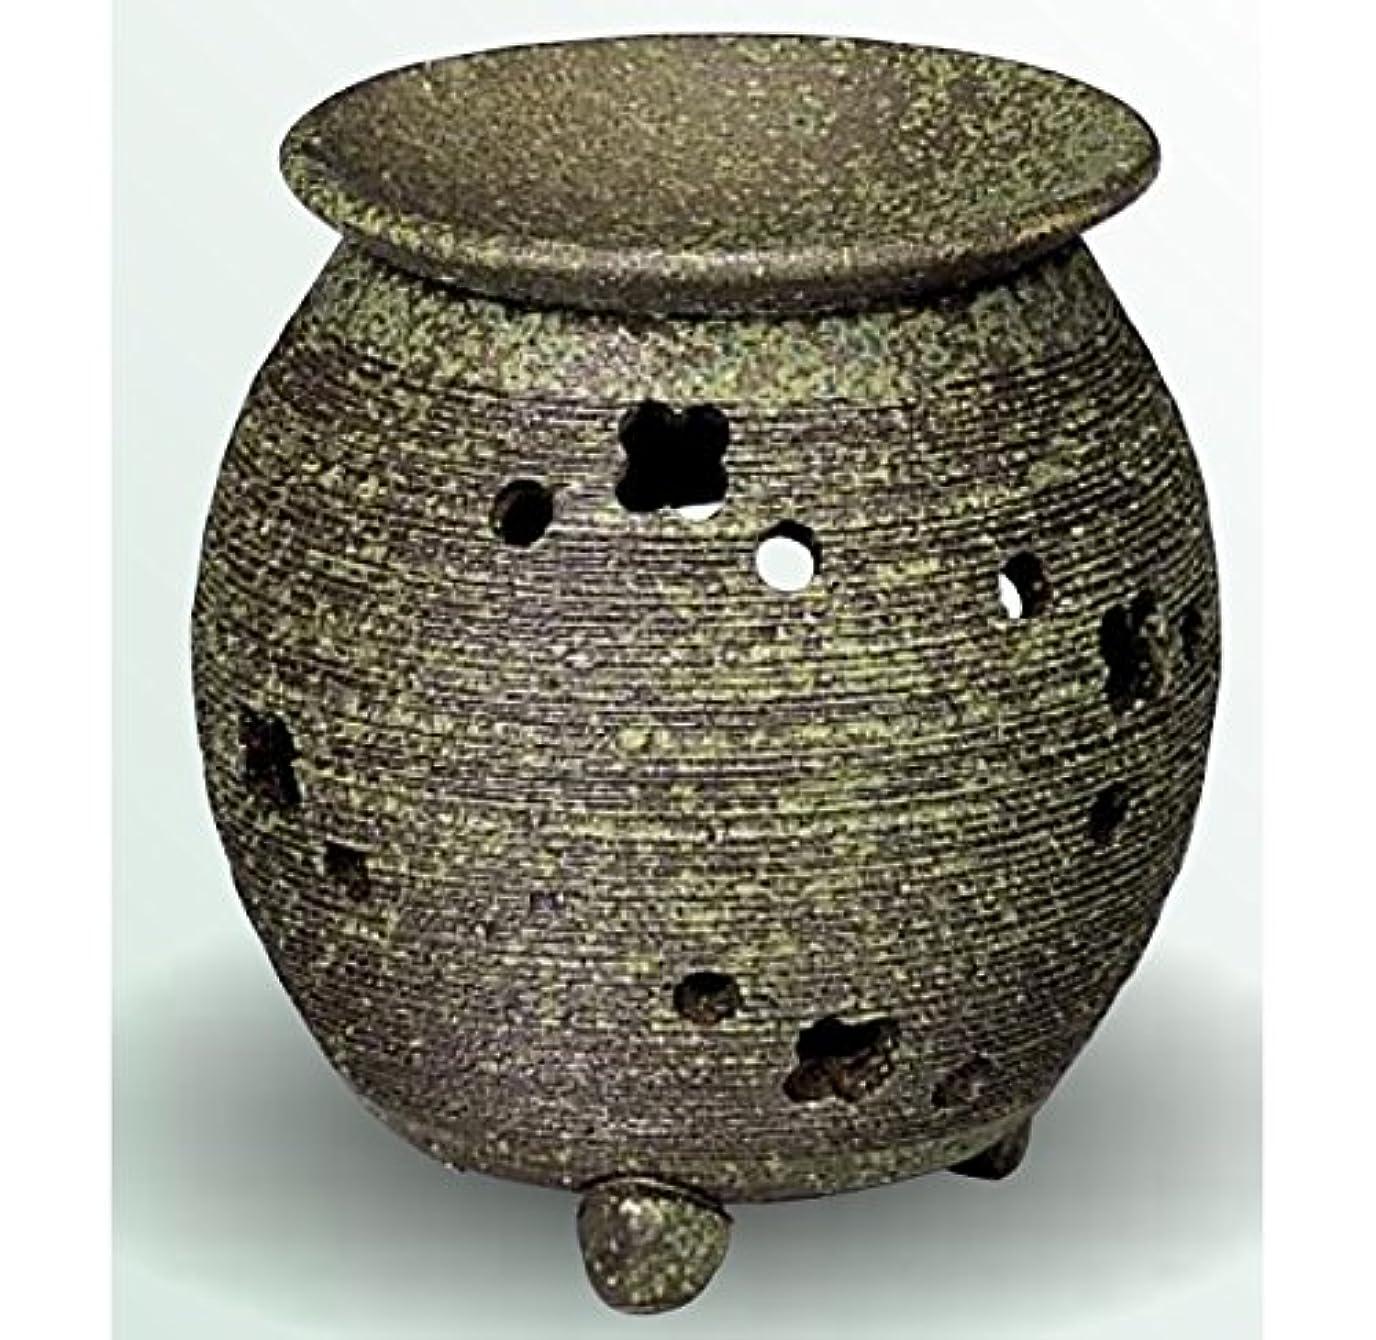 ソーシャル暫定のコメント常滑焼 茶香炉(アロマポット) 径10×高さ11.5cm